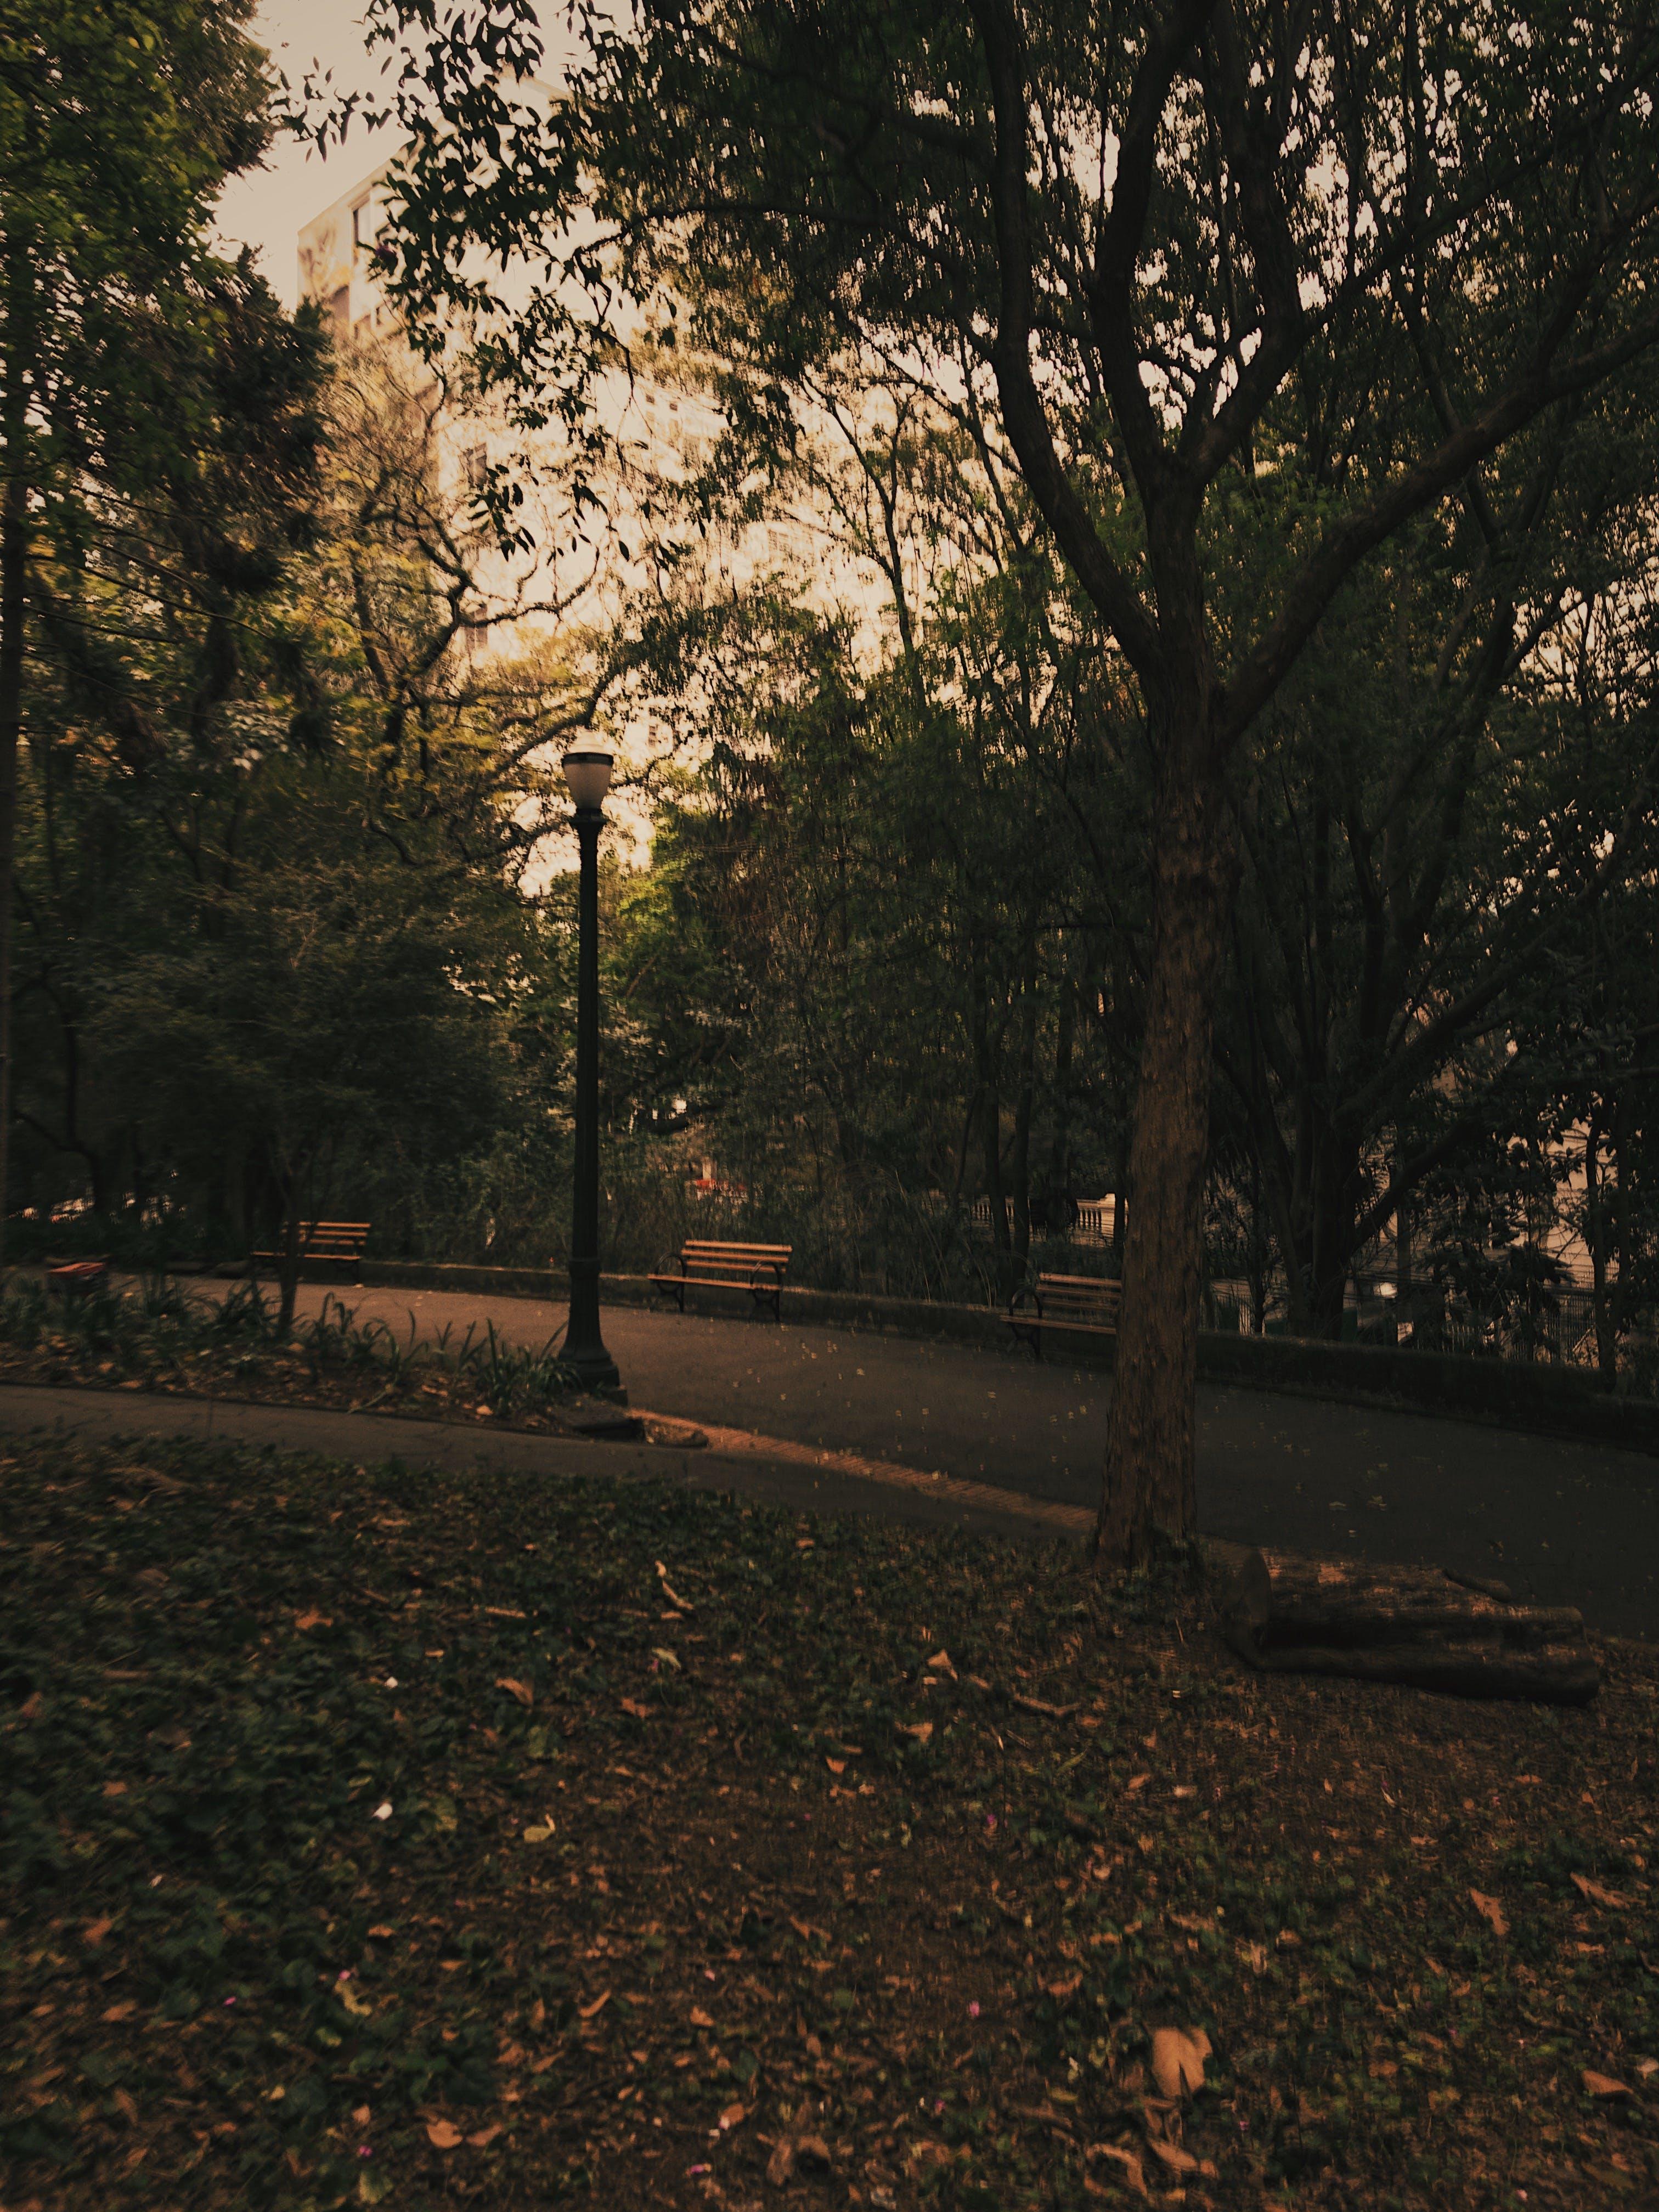 パーク, ベンチ, 地面, 木の無料の写真素材